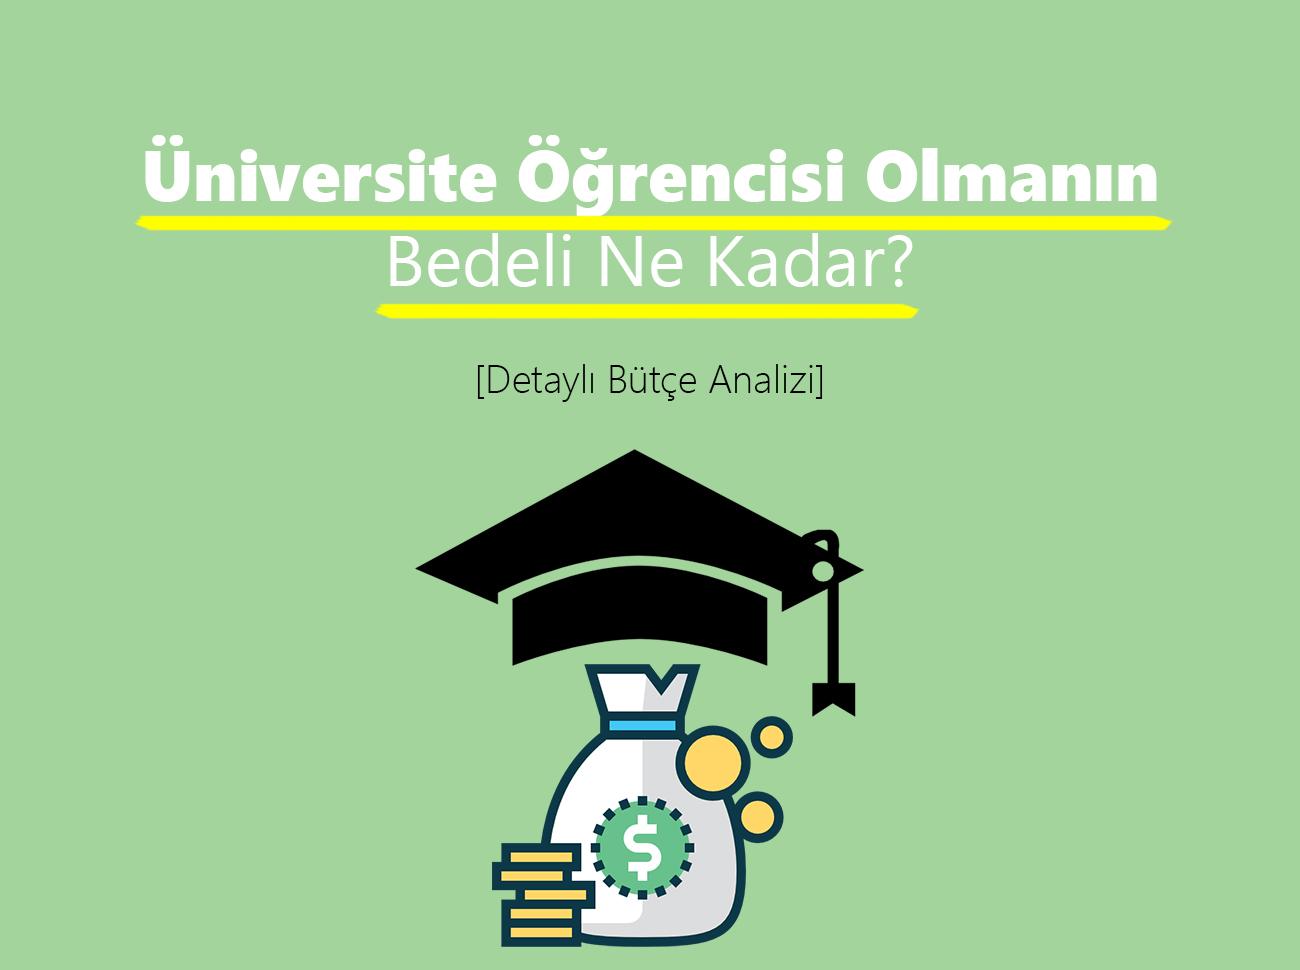 Üniversite Öğrencisi Olmanın Bedeli Nedir?